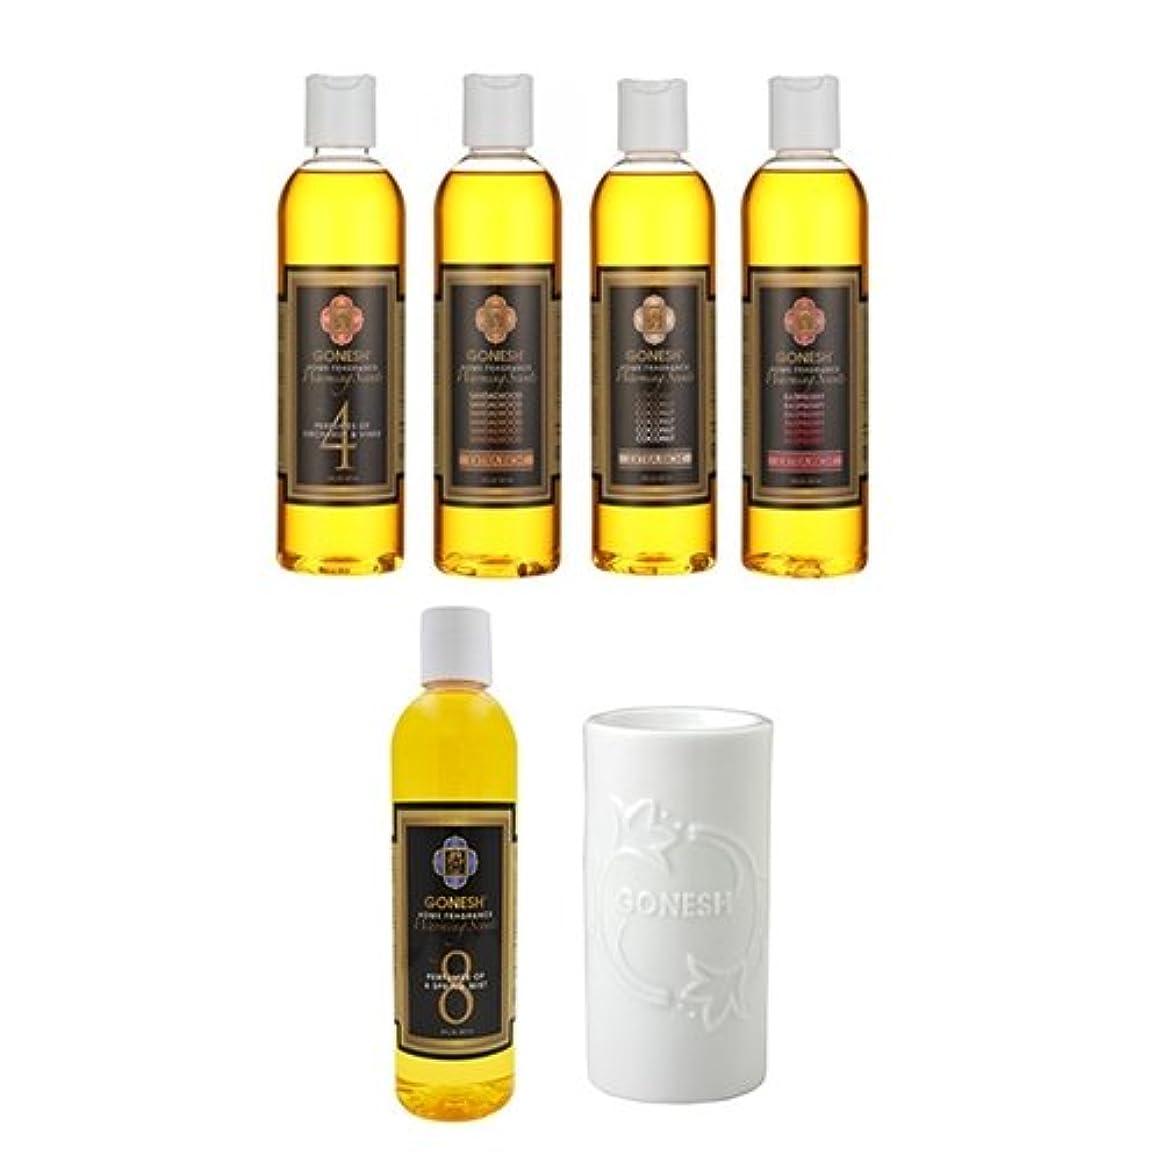 排除レトルトつぼみガーネッシュ GONESH ウォーミングセント5つ(No.4、8、COCONUT、RASPBERRY、SANDALWOOD) の香りが楽しめるアロマバーナーセット 日本国内正規品